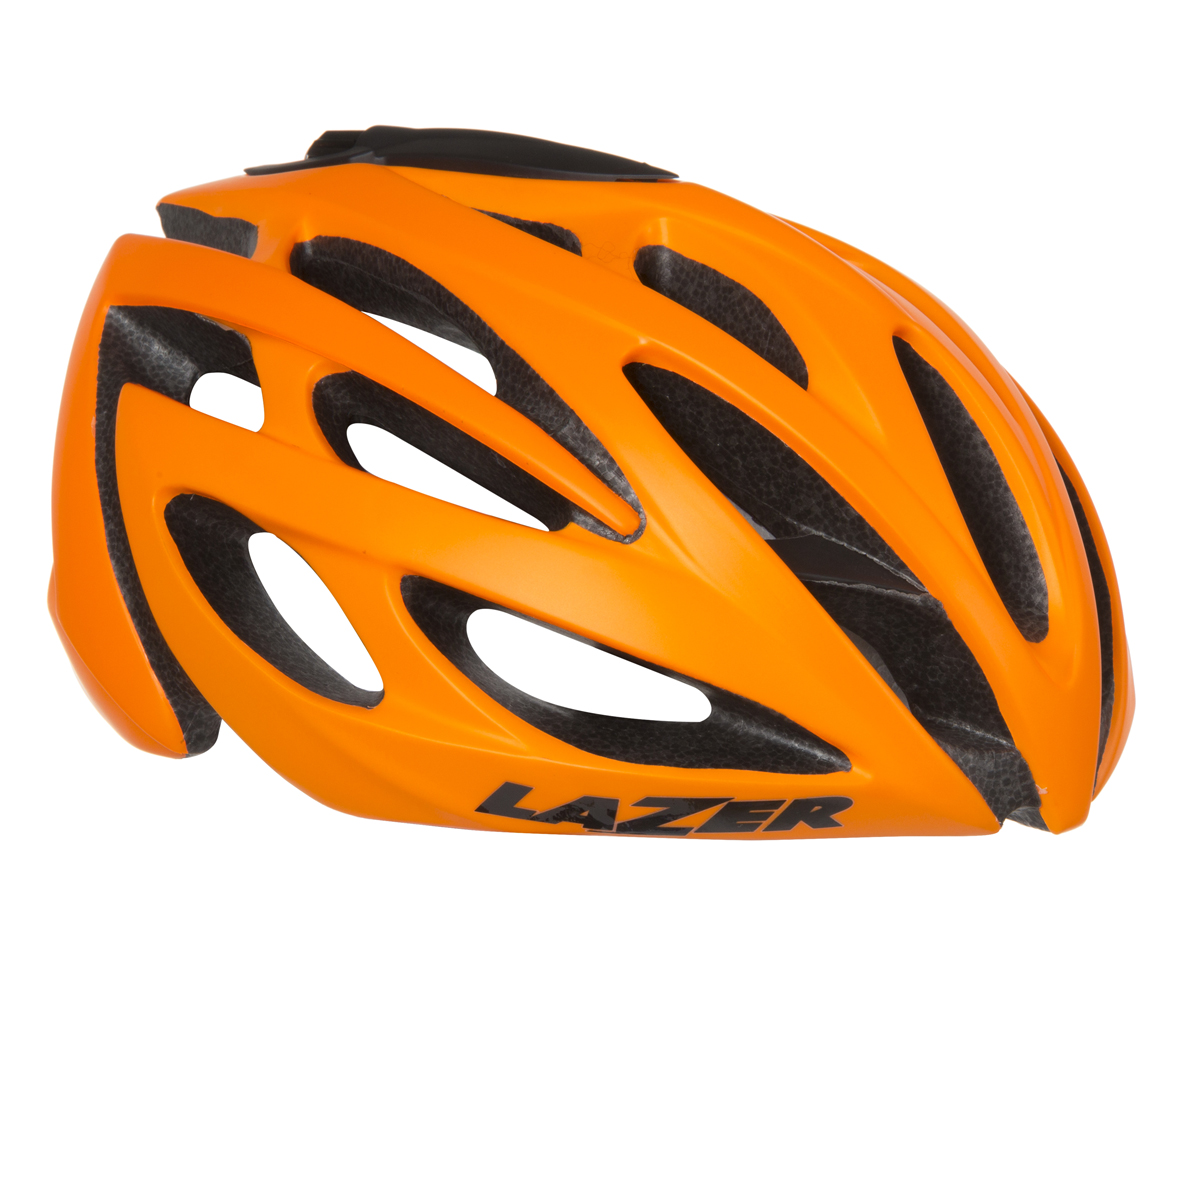 LAZER přilba silniční O2 matná Flash oranžová S 52-56 cm